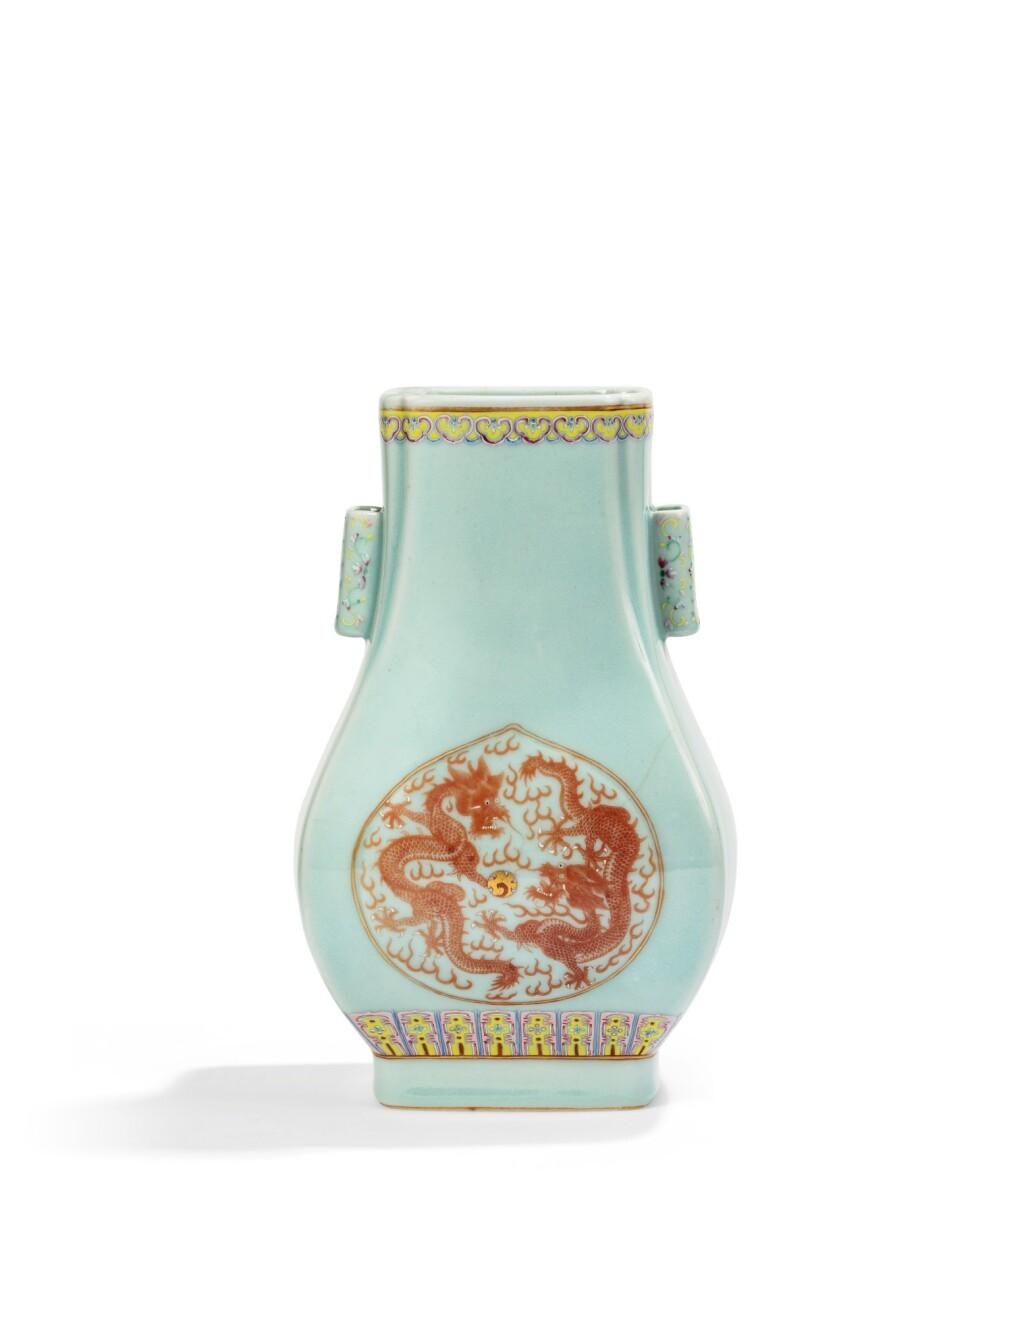 VASE EN PORCELAINE CÉLADON À DÉCOR ROUGE DE FER, FANGHU MARQUE ET ÉPOQUE GUANGXU | 清光緒 粉青地粉彩杏圓開光礬紅雙龍趕珠紋貫耳方壼  《大清光緒年製》款 | A celadon-glazed Fanghu-shaped vase with iron-red decoration, Guangxu mark and period